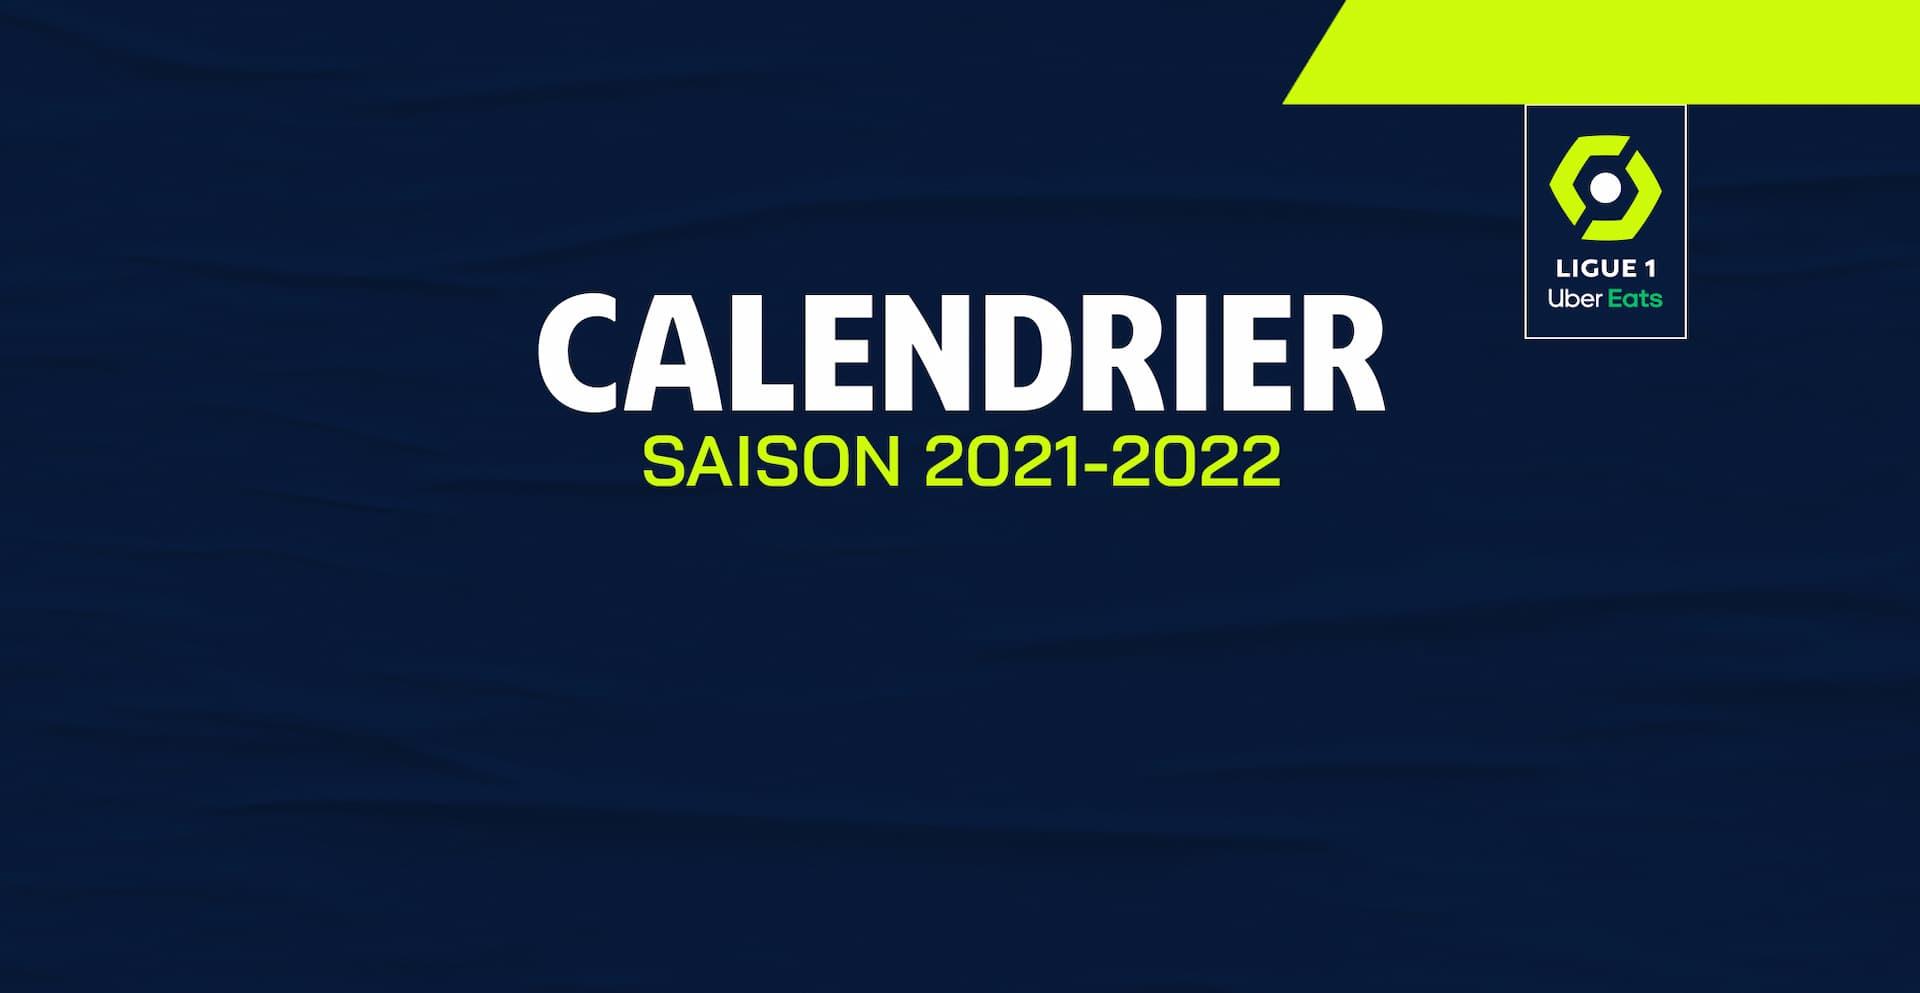 2403-2021-L1-calendrier-21-22-1-1